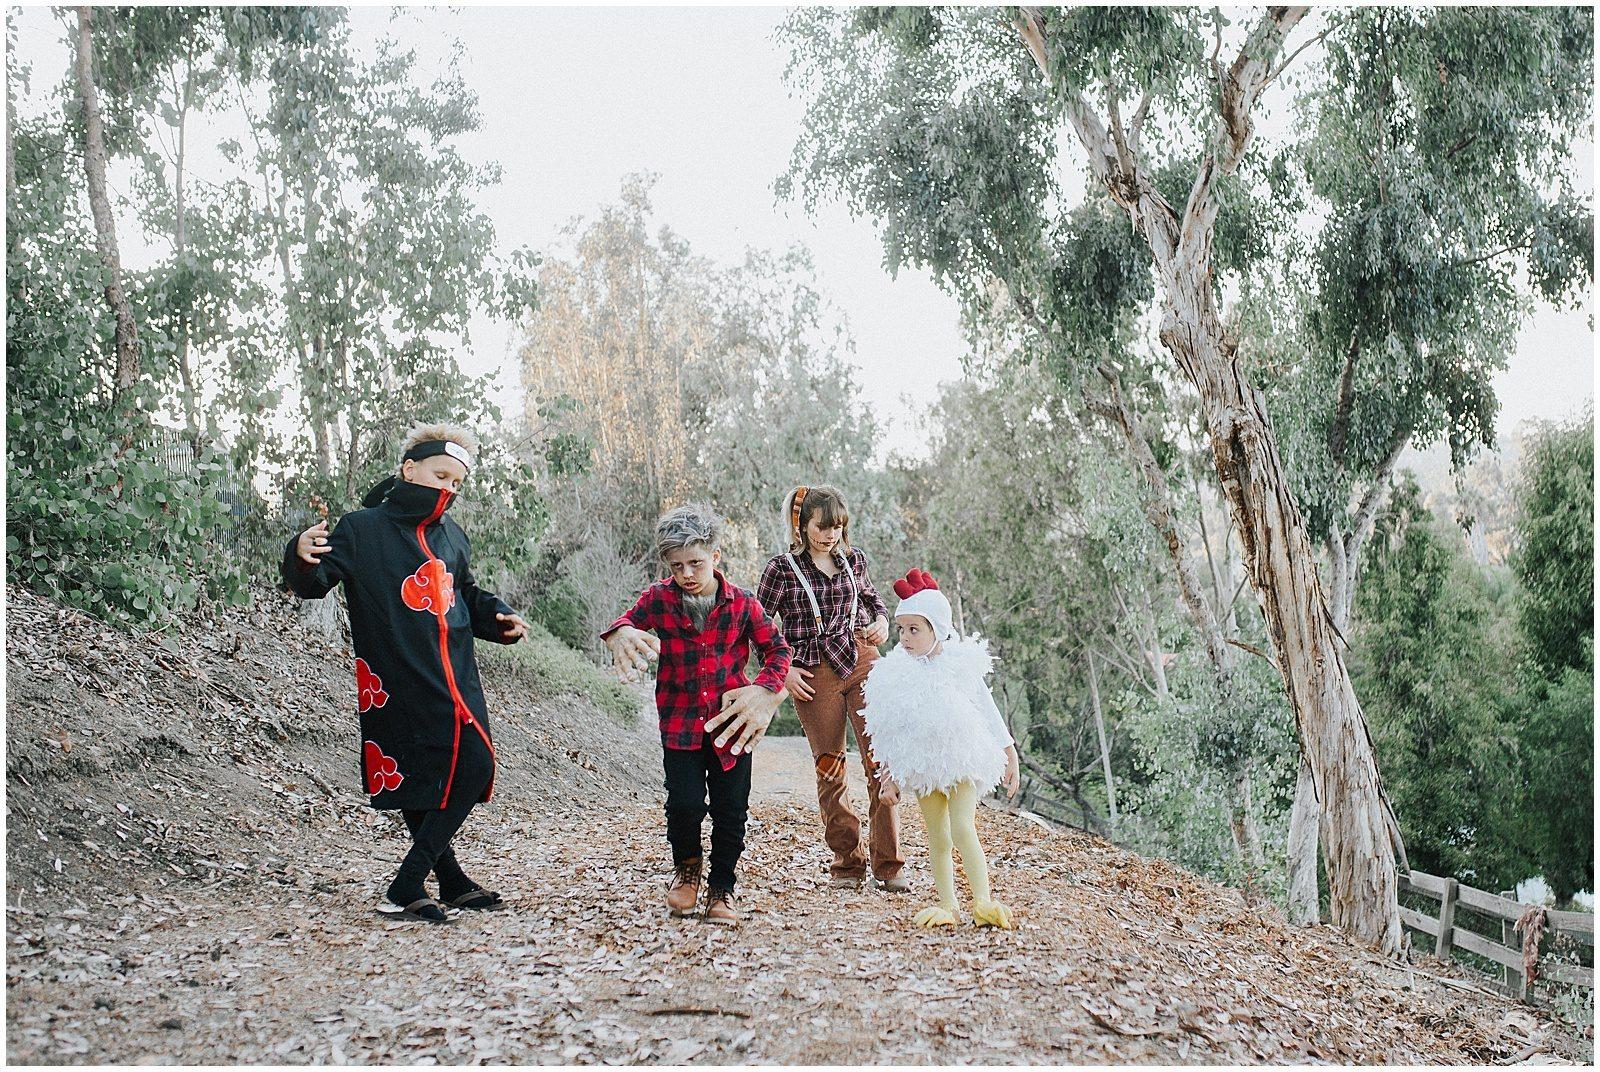 Orange County Family Photographer Halloween Costumes 0254